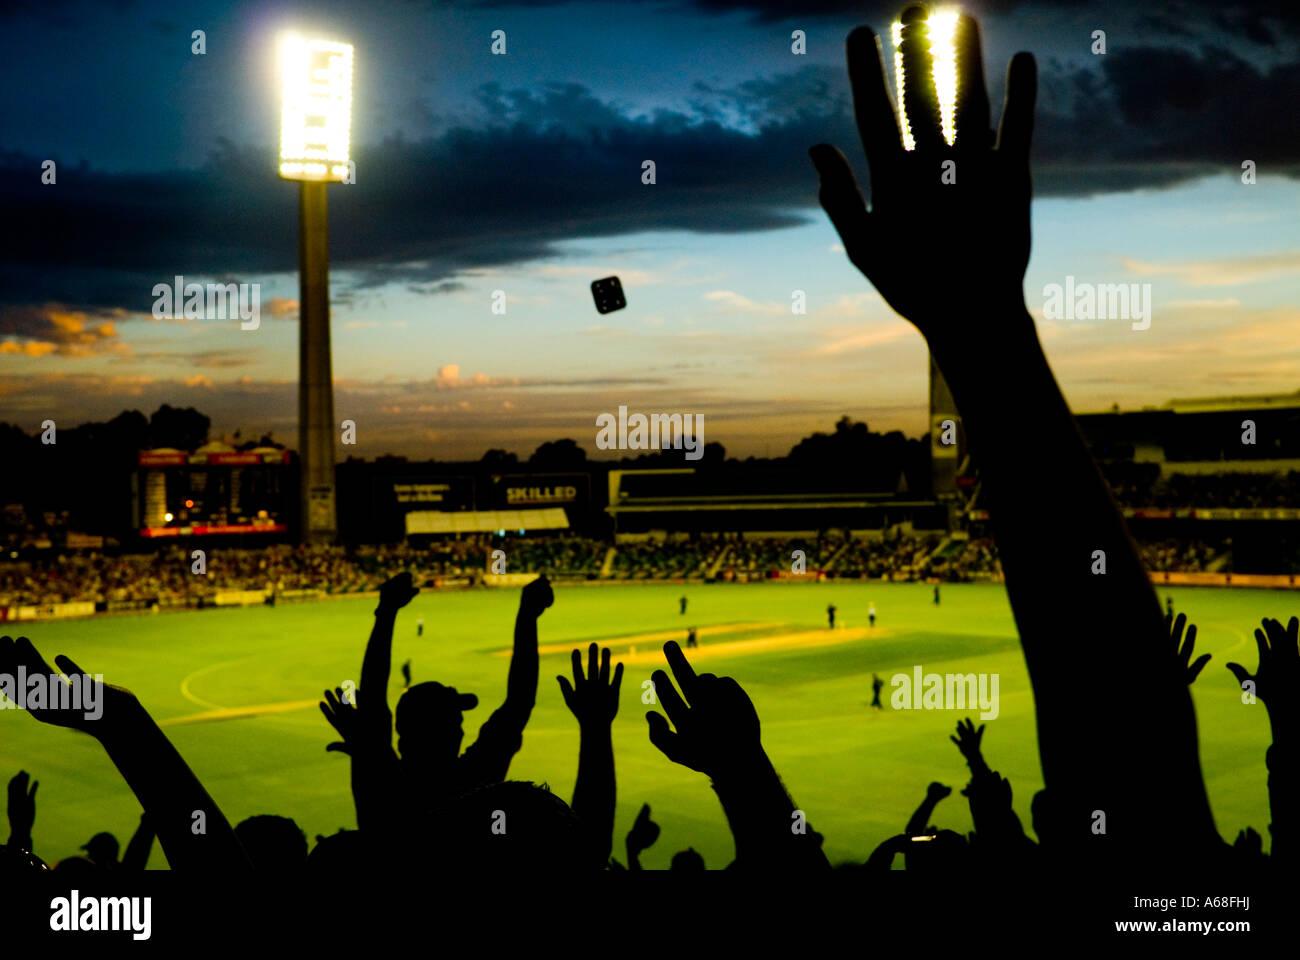 Ventole facendo onda messicano di notte partita di cricket, Perth, Western Australia Immagini Stock